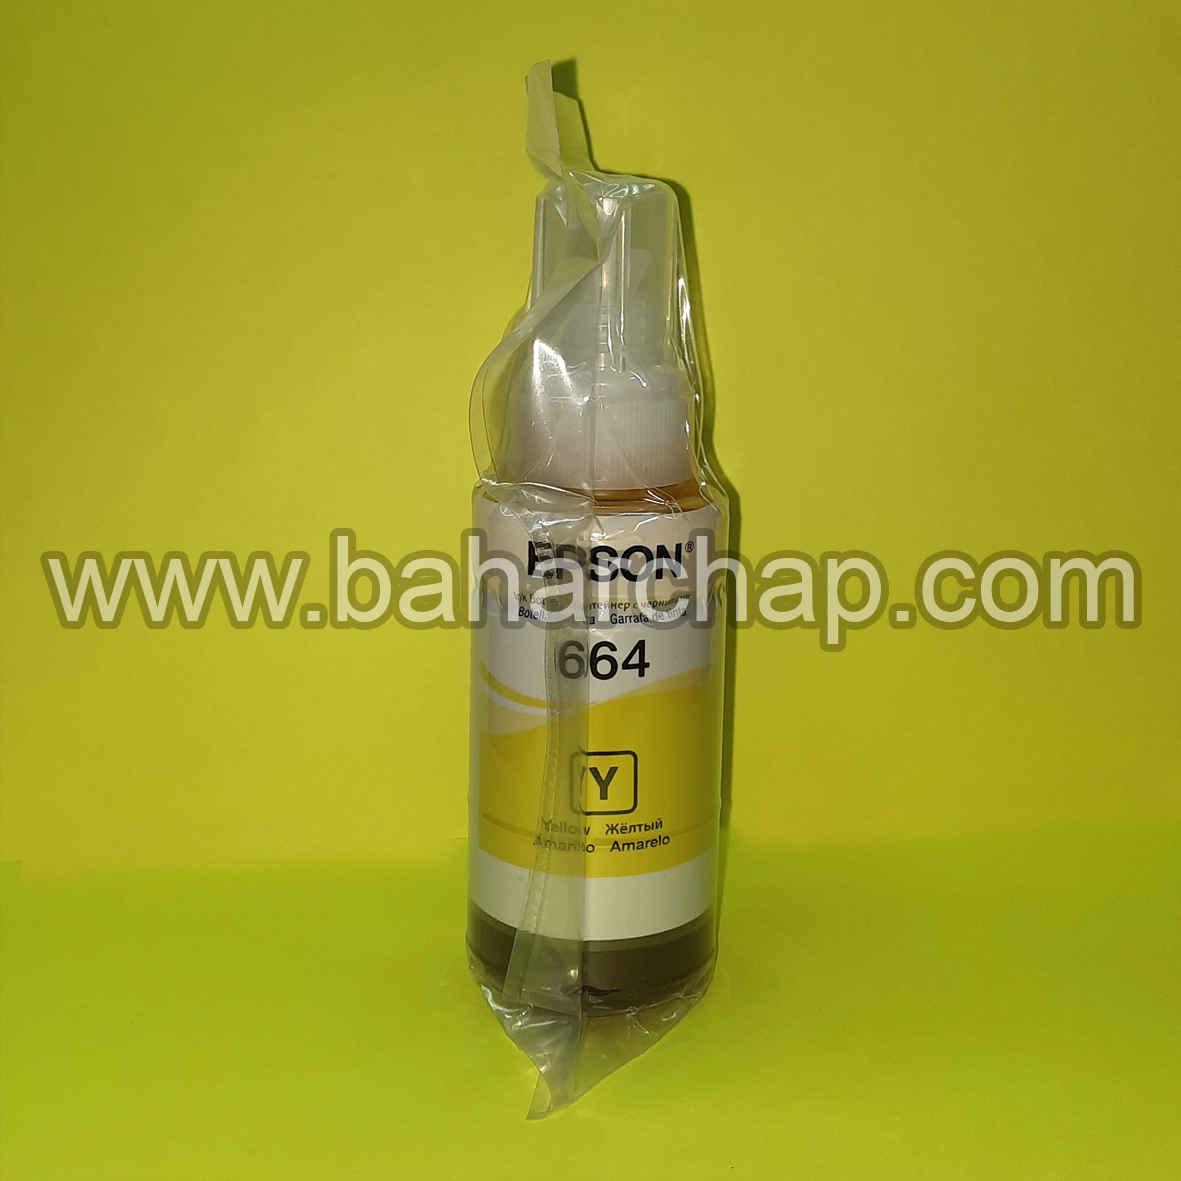 فروشگاه و خدمات اینترنتی بهارچاپ اصفهان-جوهر اصلی اپسون 4 رنگ (زرد)-EPSON - Original Ink Yellow